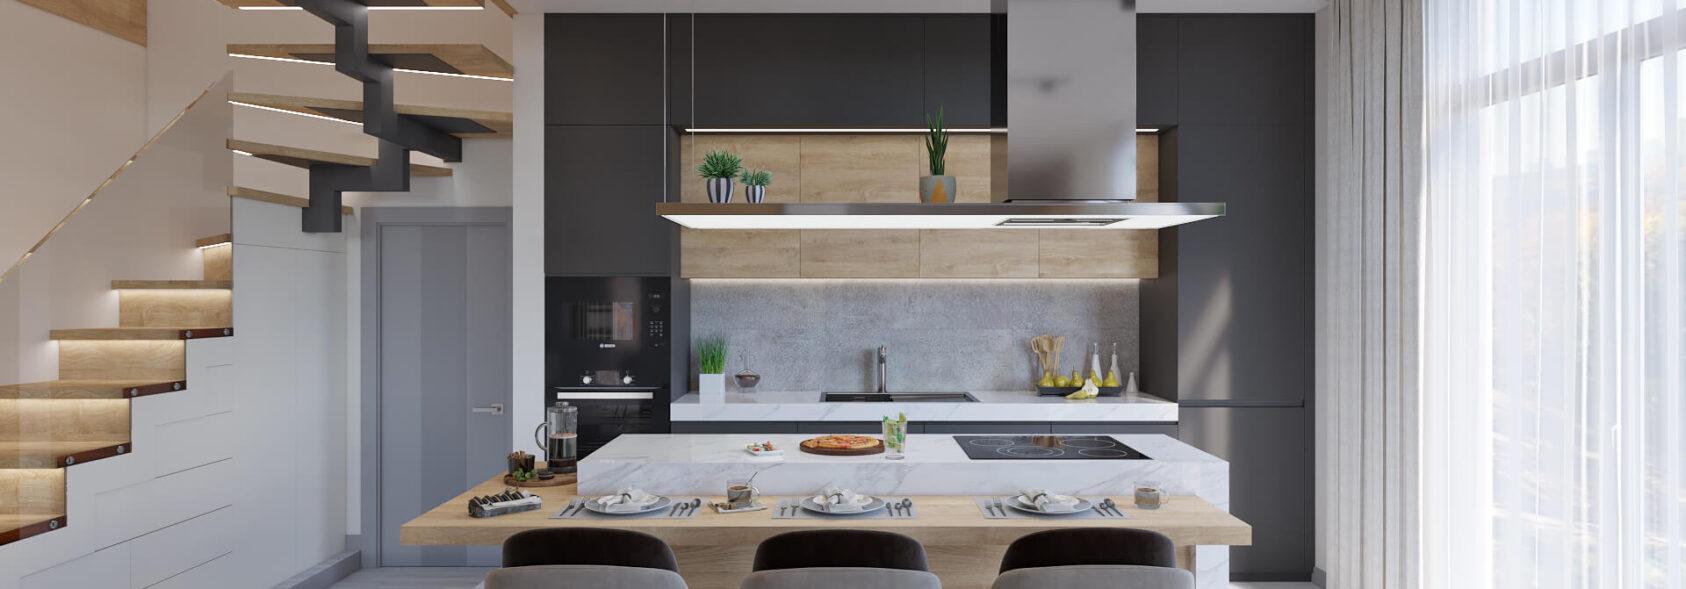 Дизайн дома Запорожье дизайнерский ремонт кухни